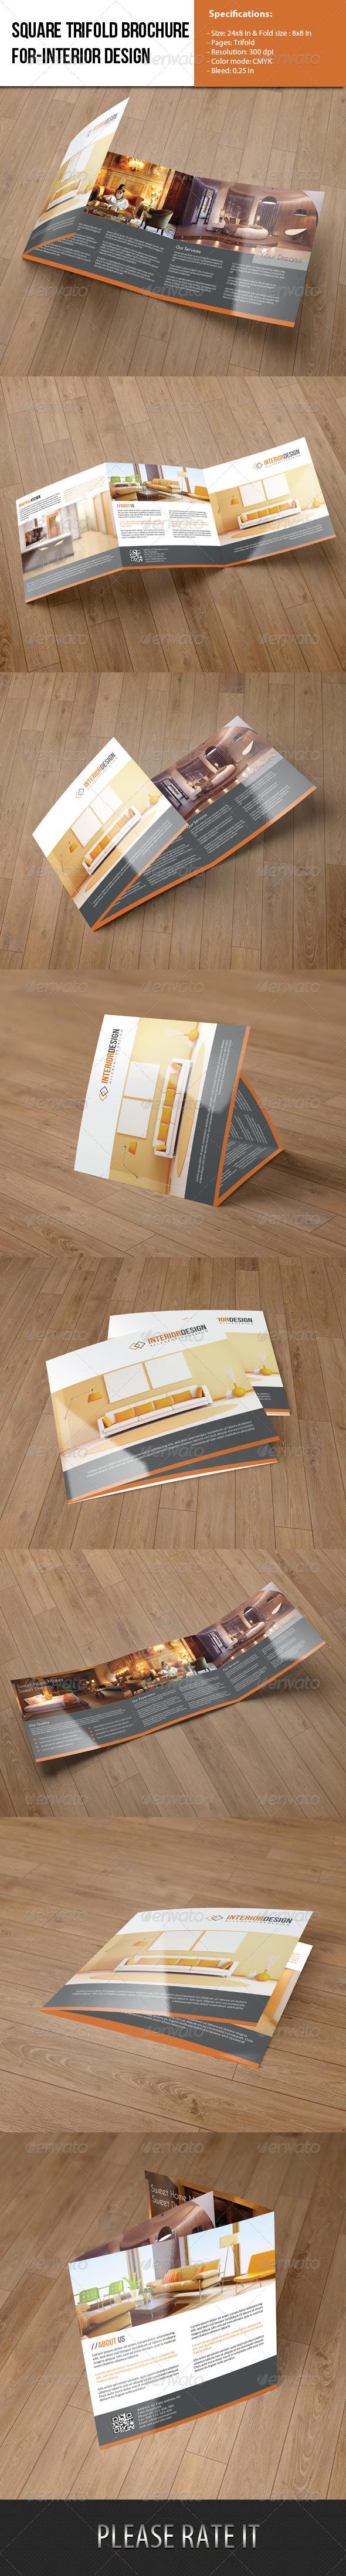 GraphicRiver Square Trifold Brochure-Interior Design 6263281